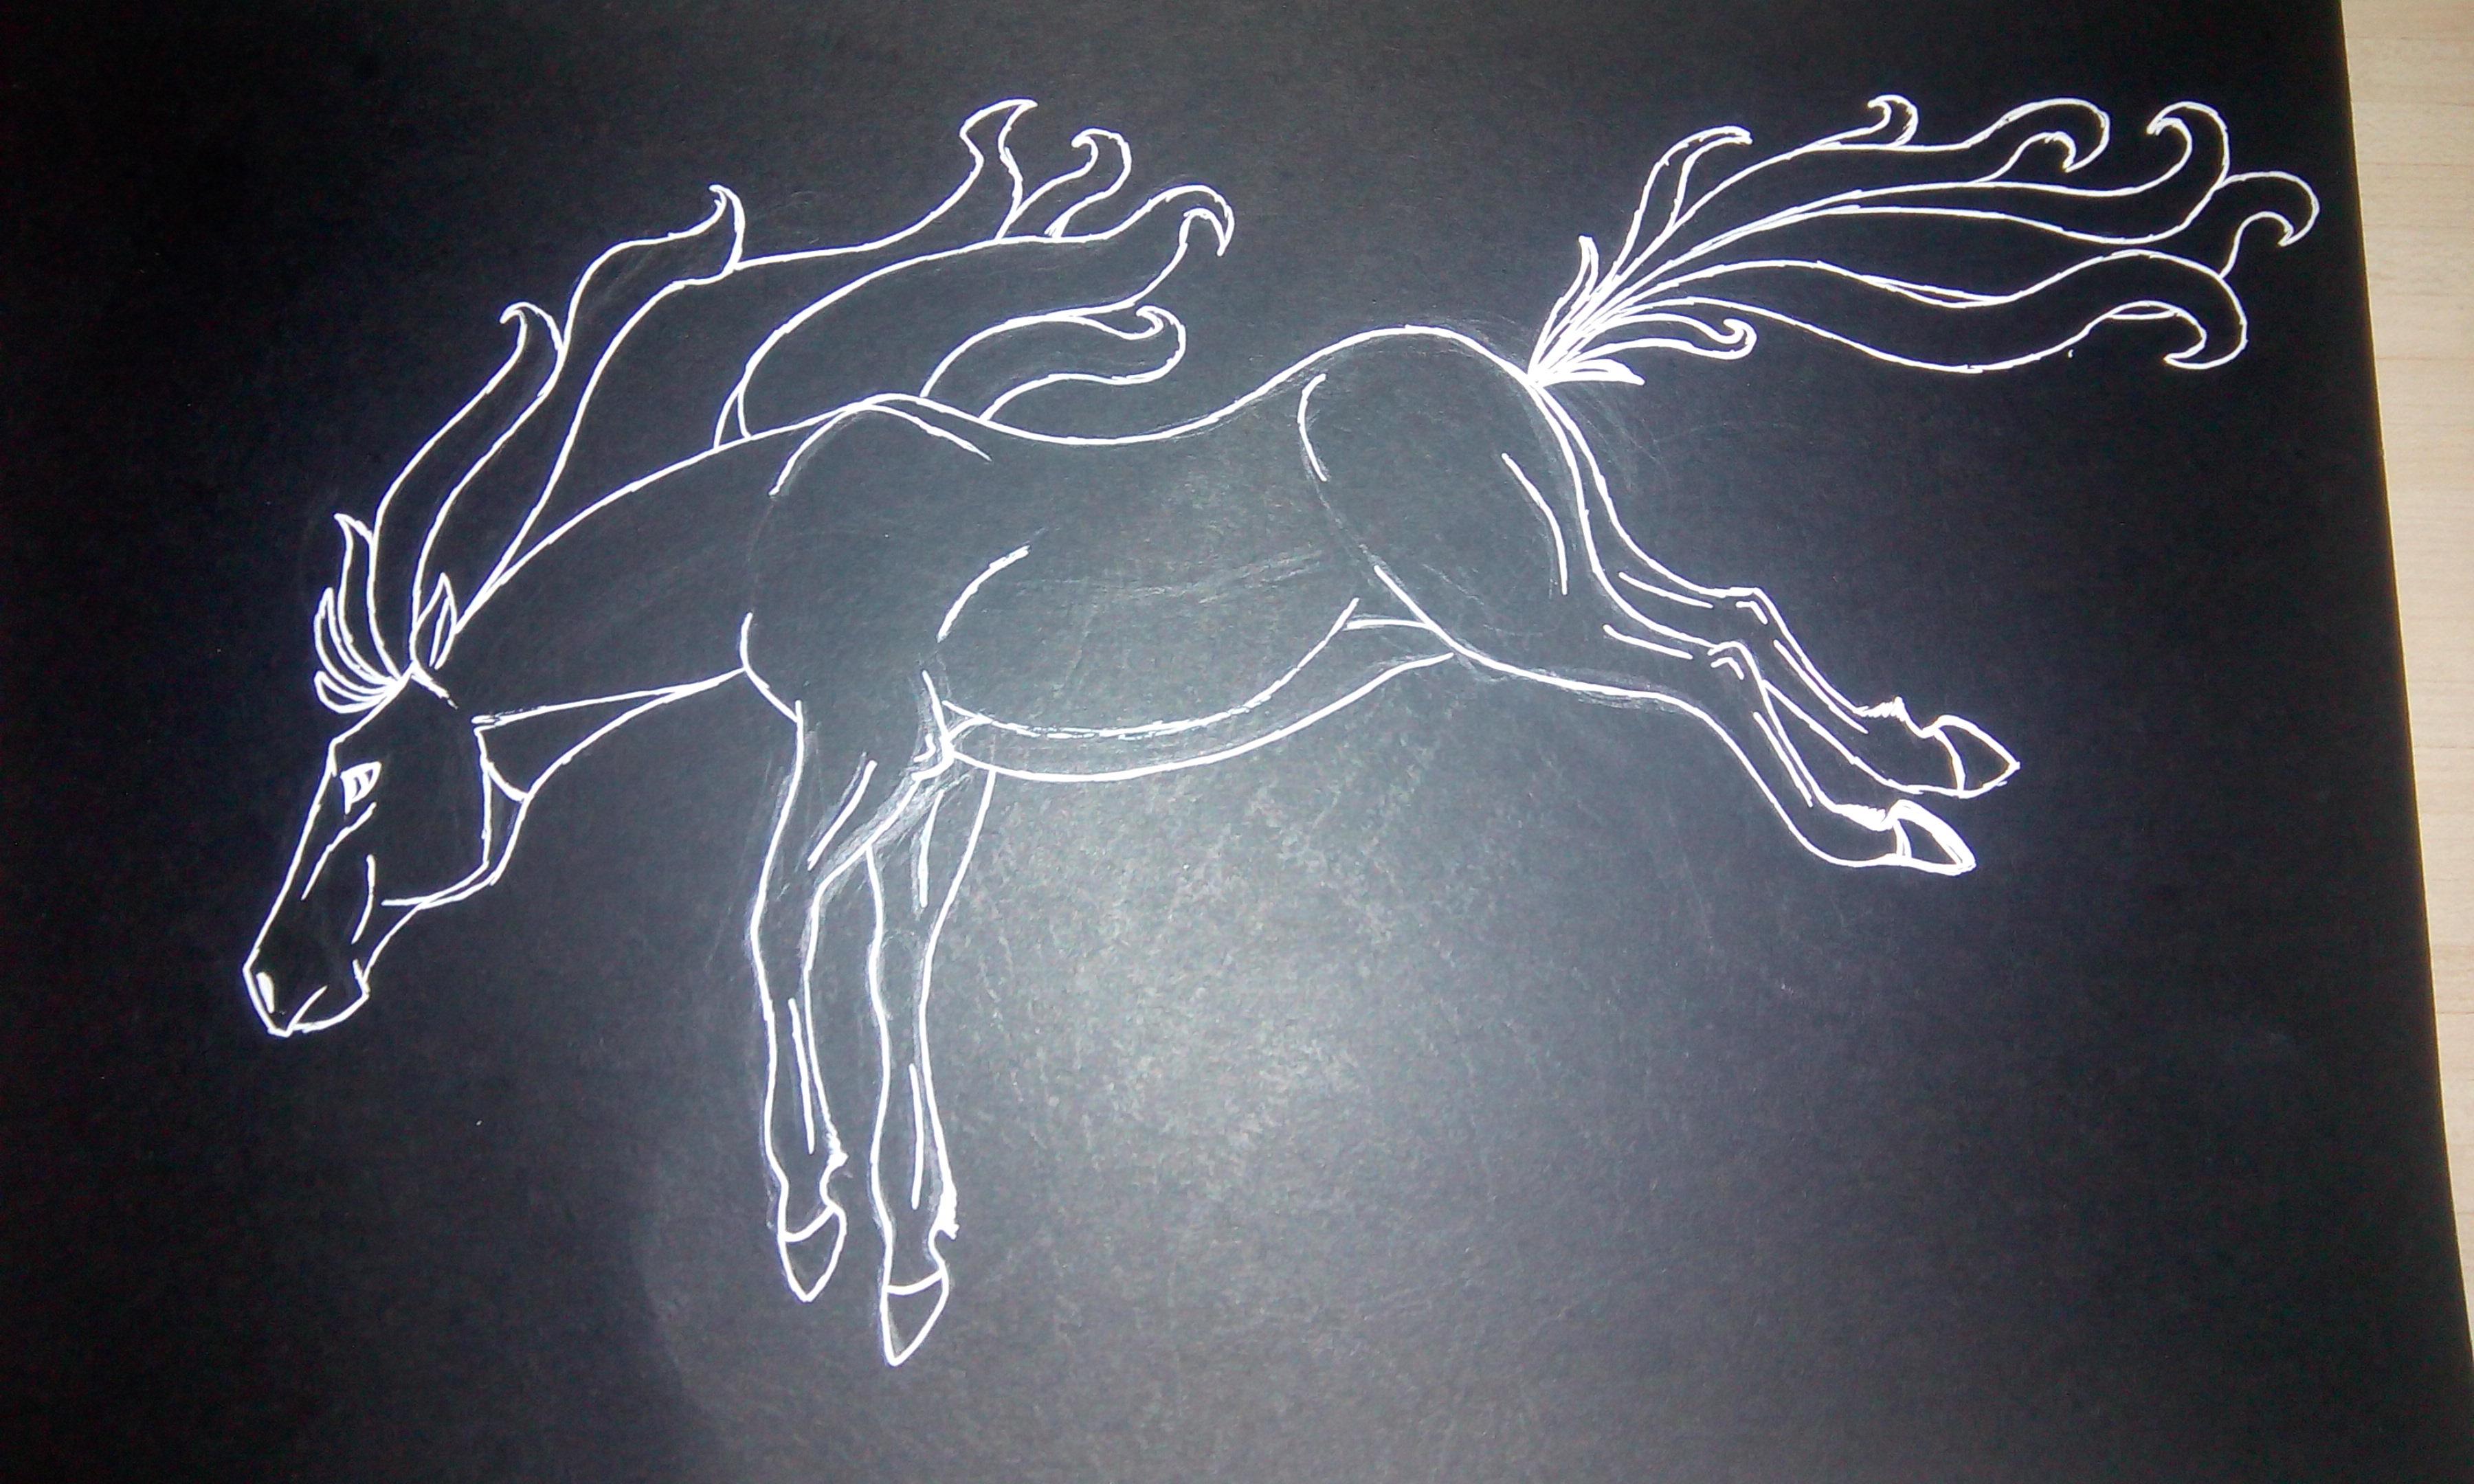 Black Horse Scketch - Work In Progress